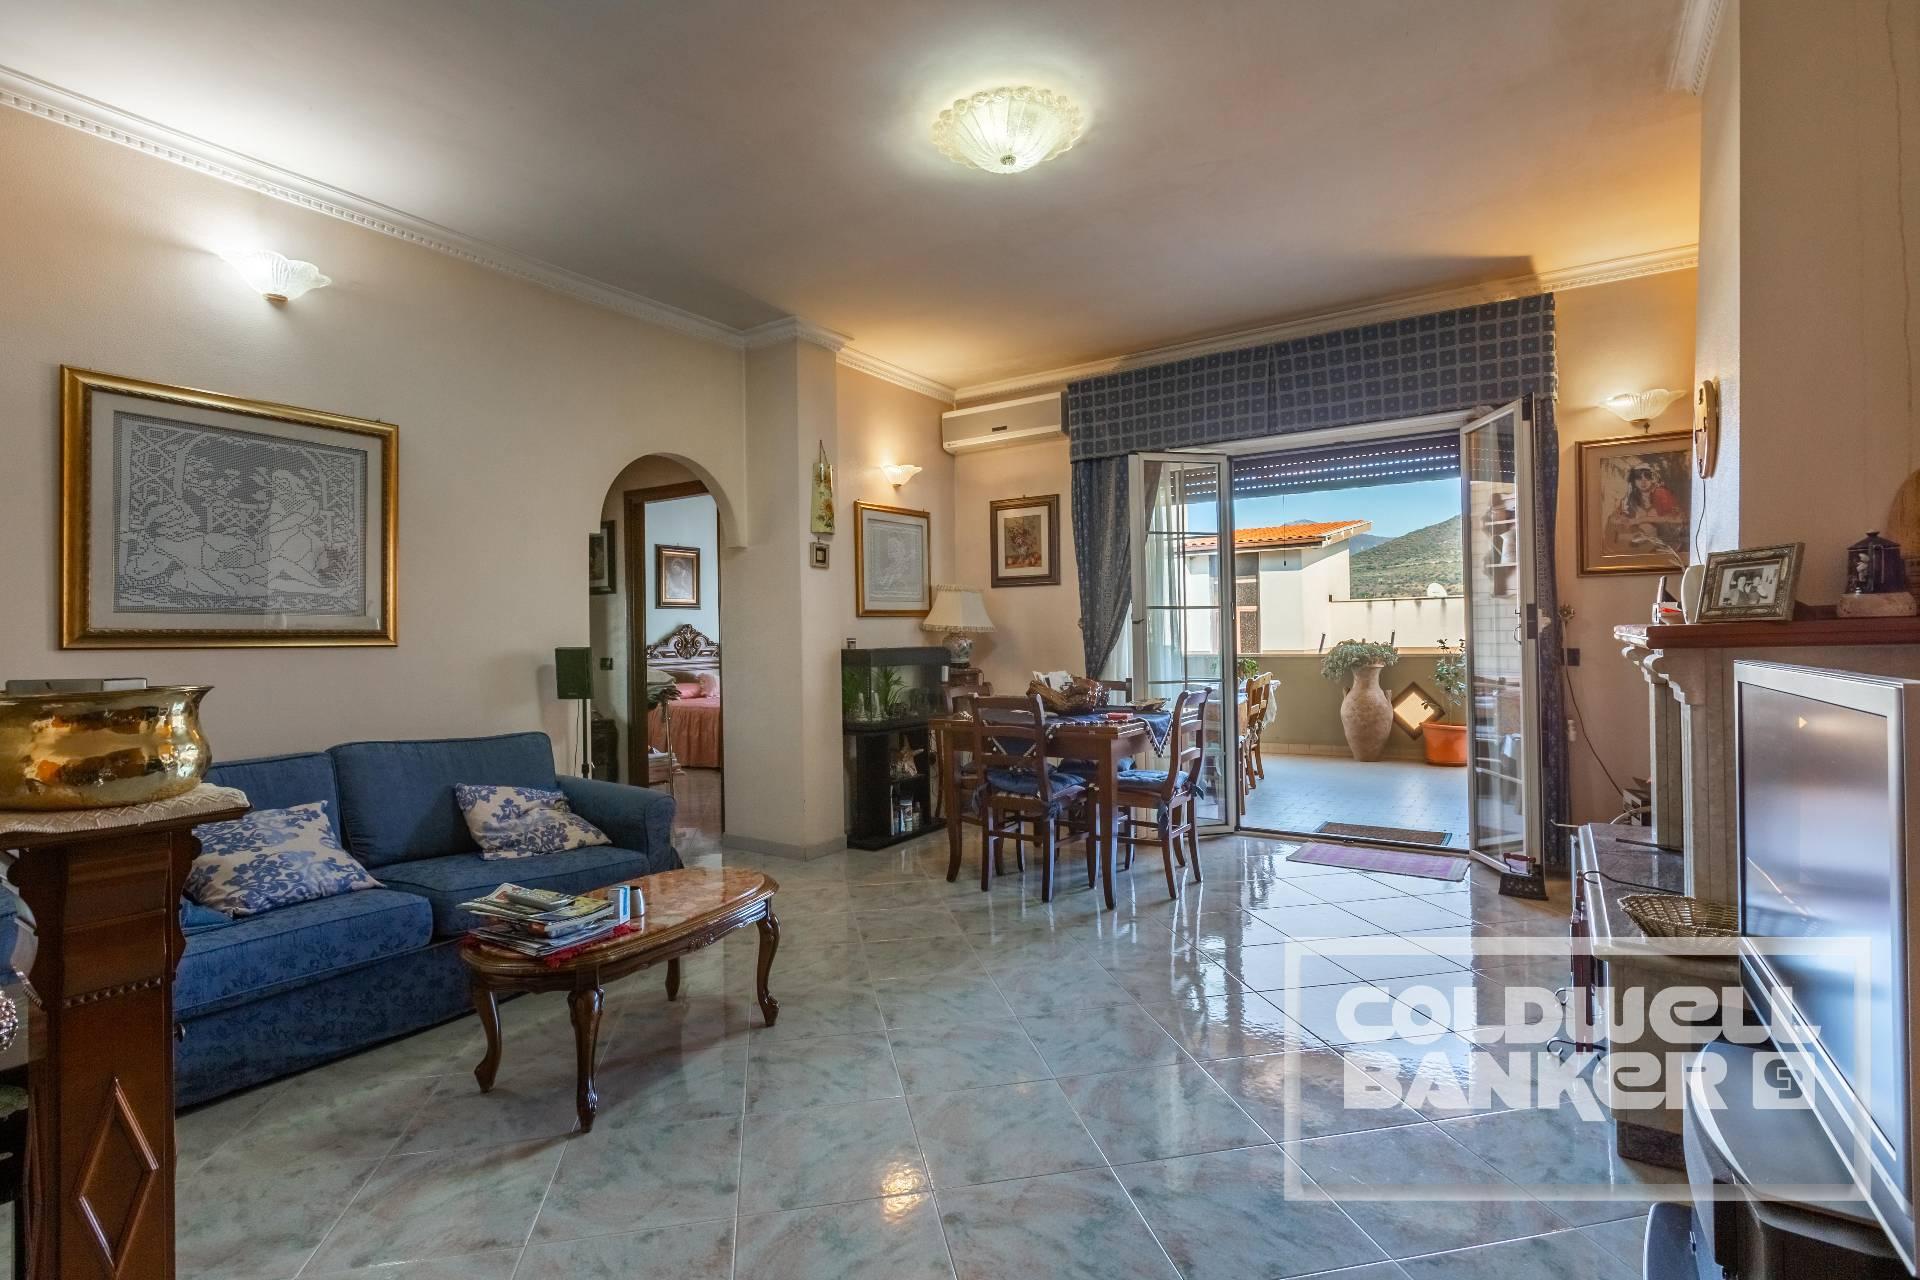 Appartamento in vendita a Tivoli, 3 locali, zona Località: Tivolicittà, prezzo € 150.000 | CambioCasa.it